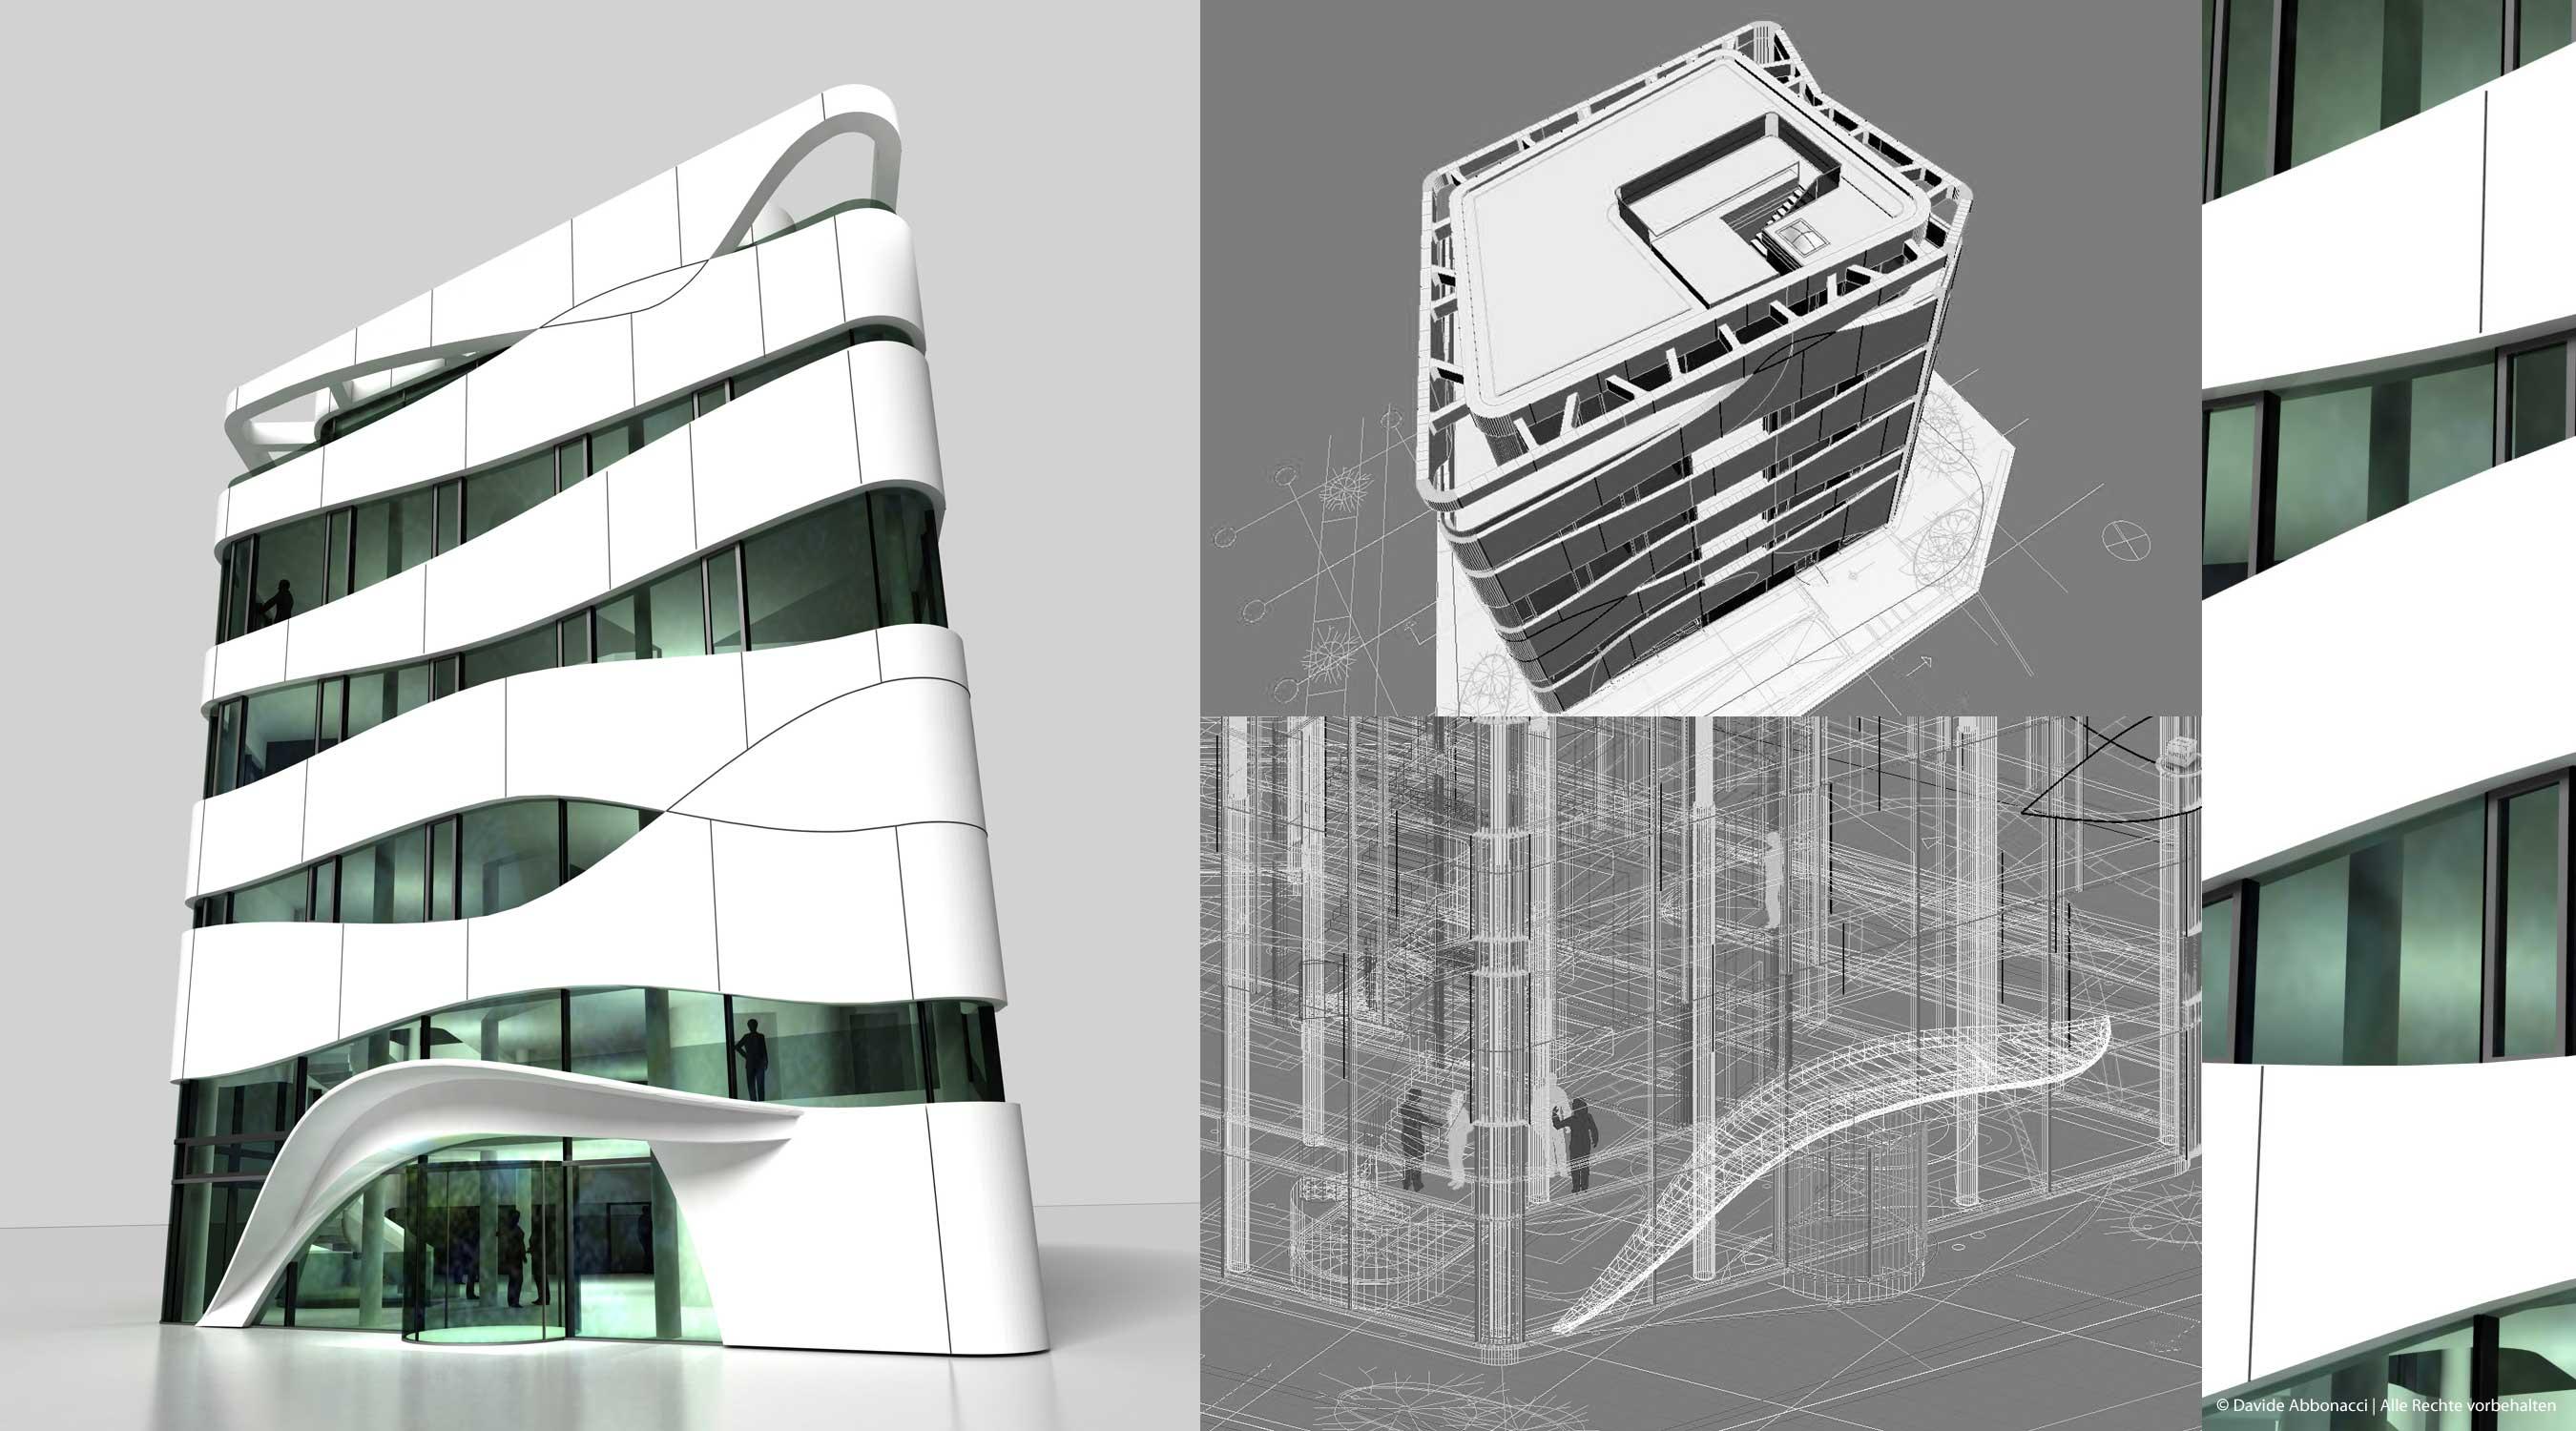 Otto Bock Healthcare, Berlin Mitte   Gnädinger Architekten   2007 Fassadenstudie und Baudetails